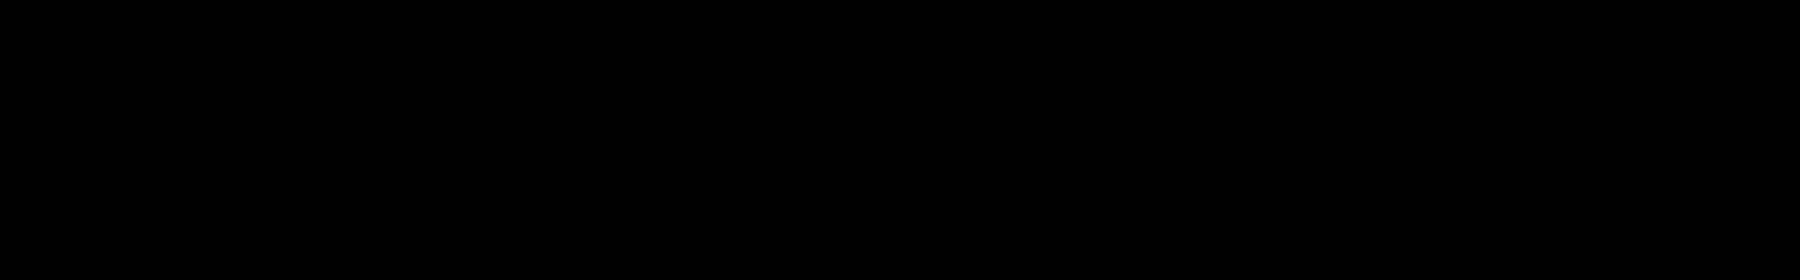 SICKO audio waveform